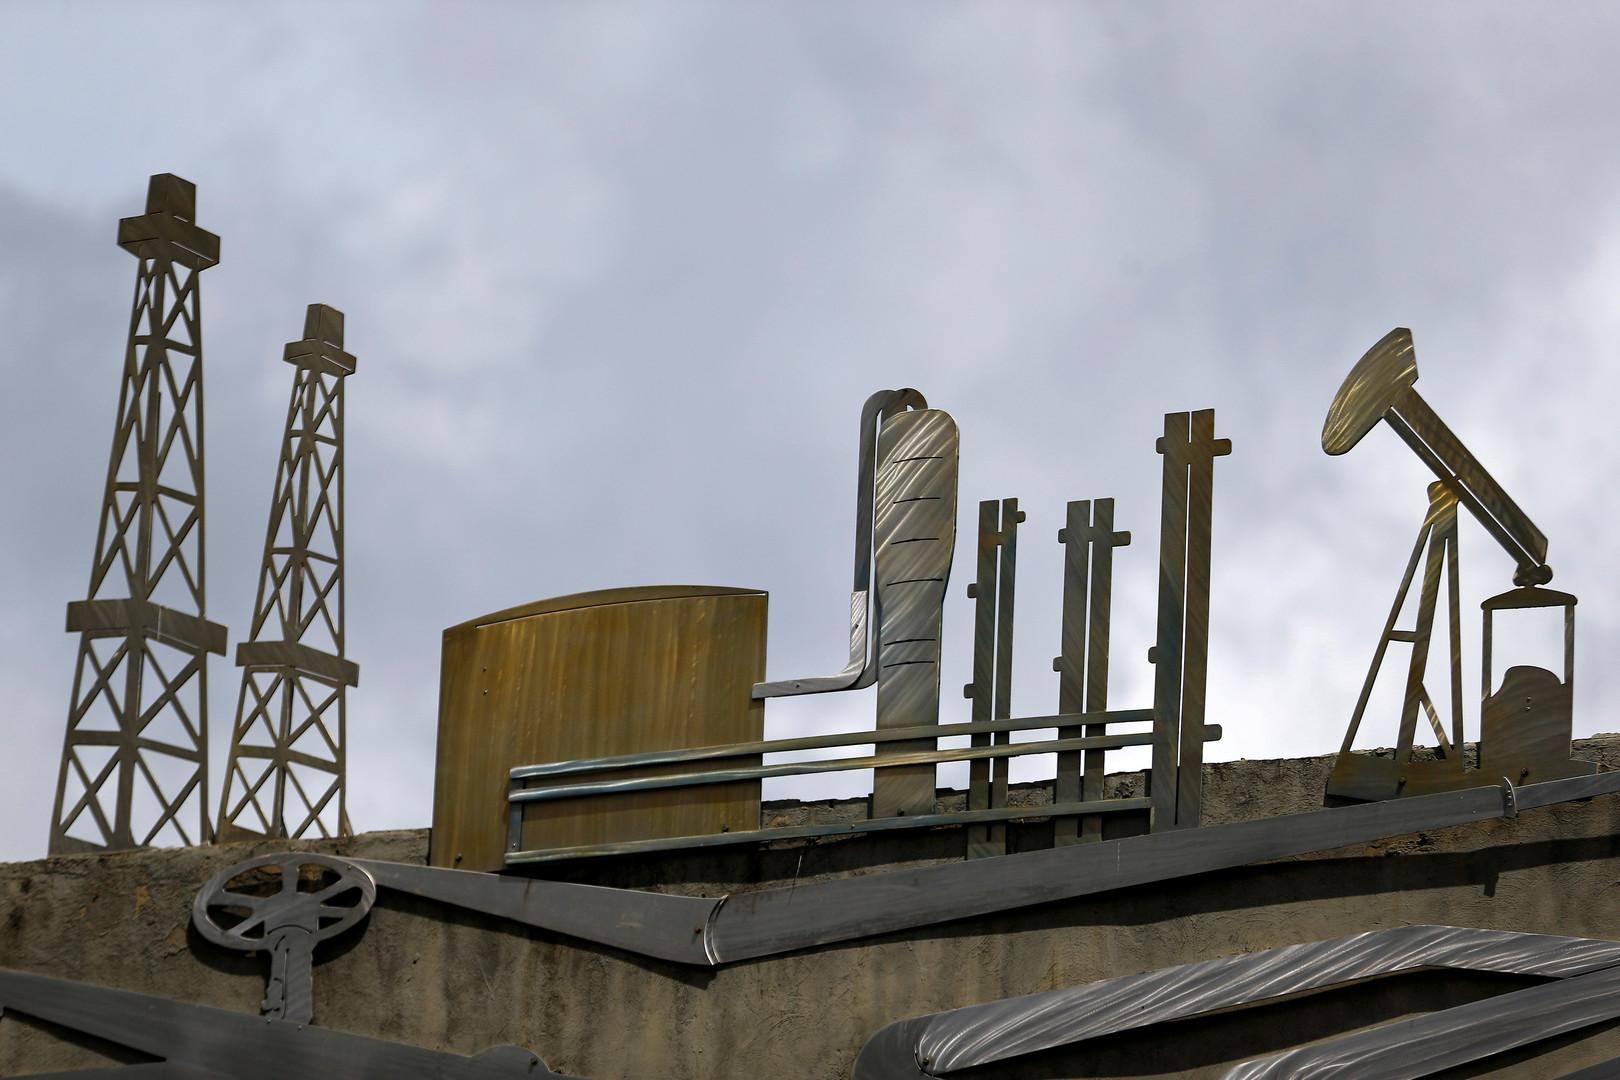 МВФ: Цена барреля нефти к 2020 году может вырасти до $75